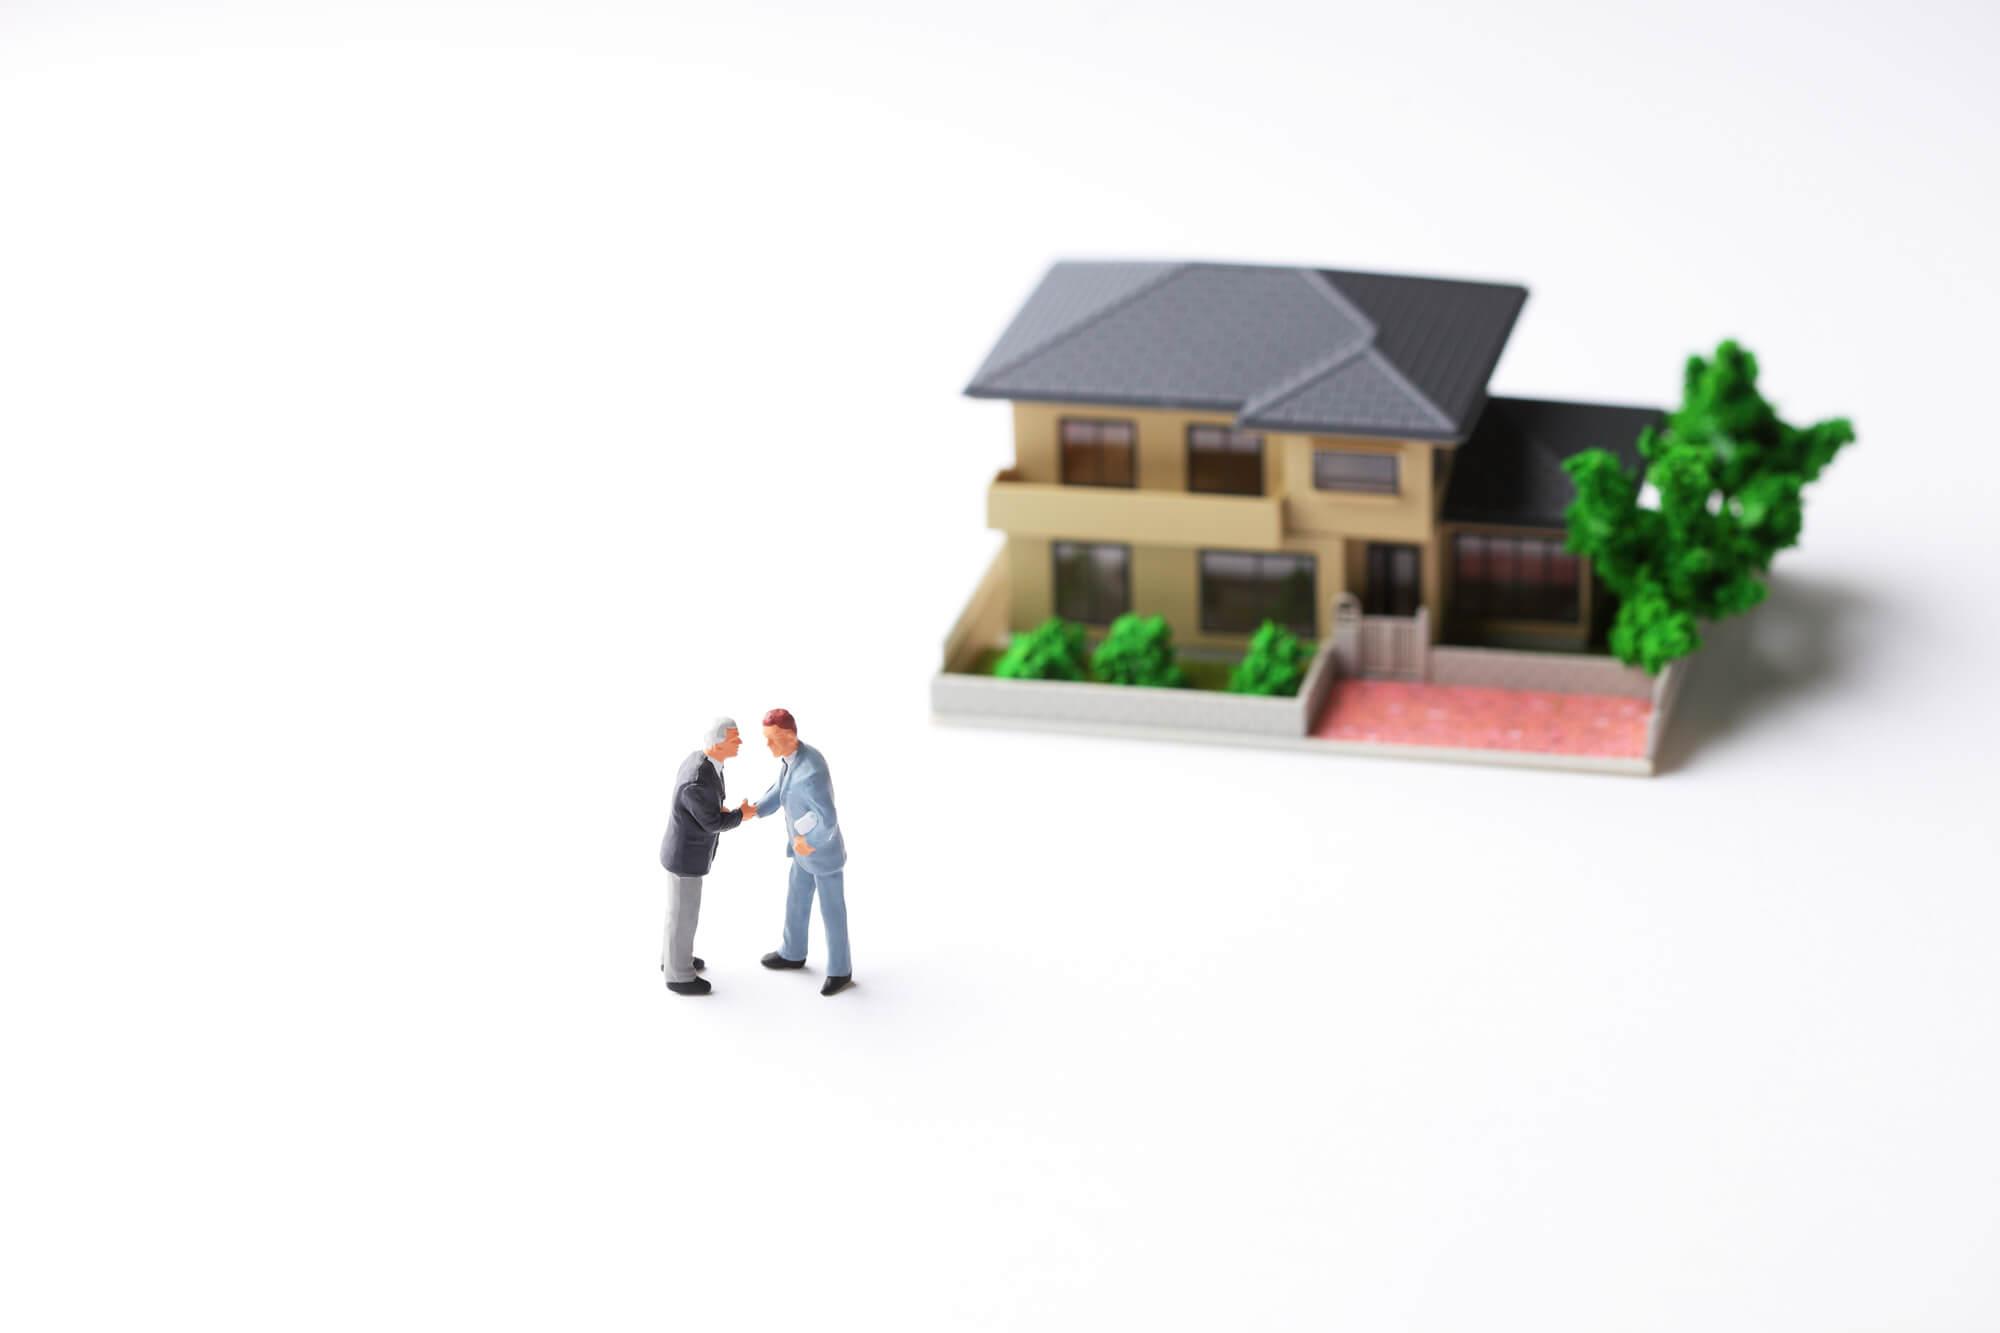 二世帯住宅の不動産相続はどうする?不公平な分割にならないための注意点 - 相談オナヤミ相談 花沢事務所